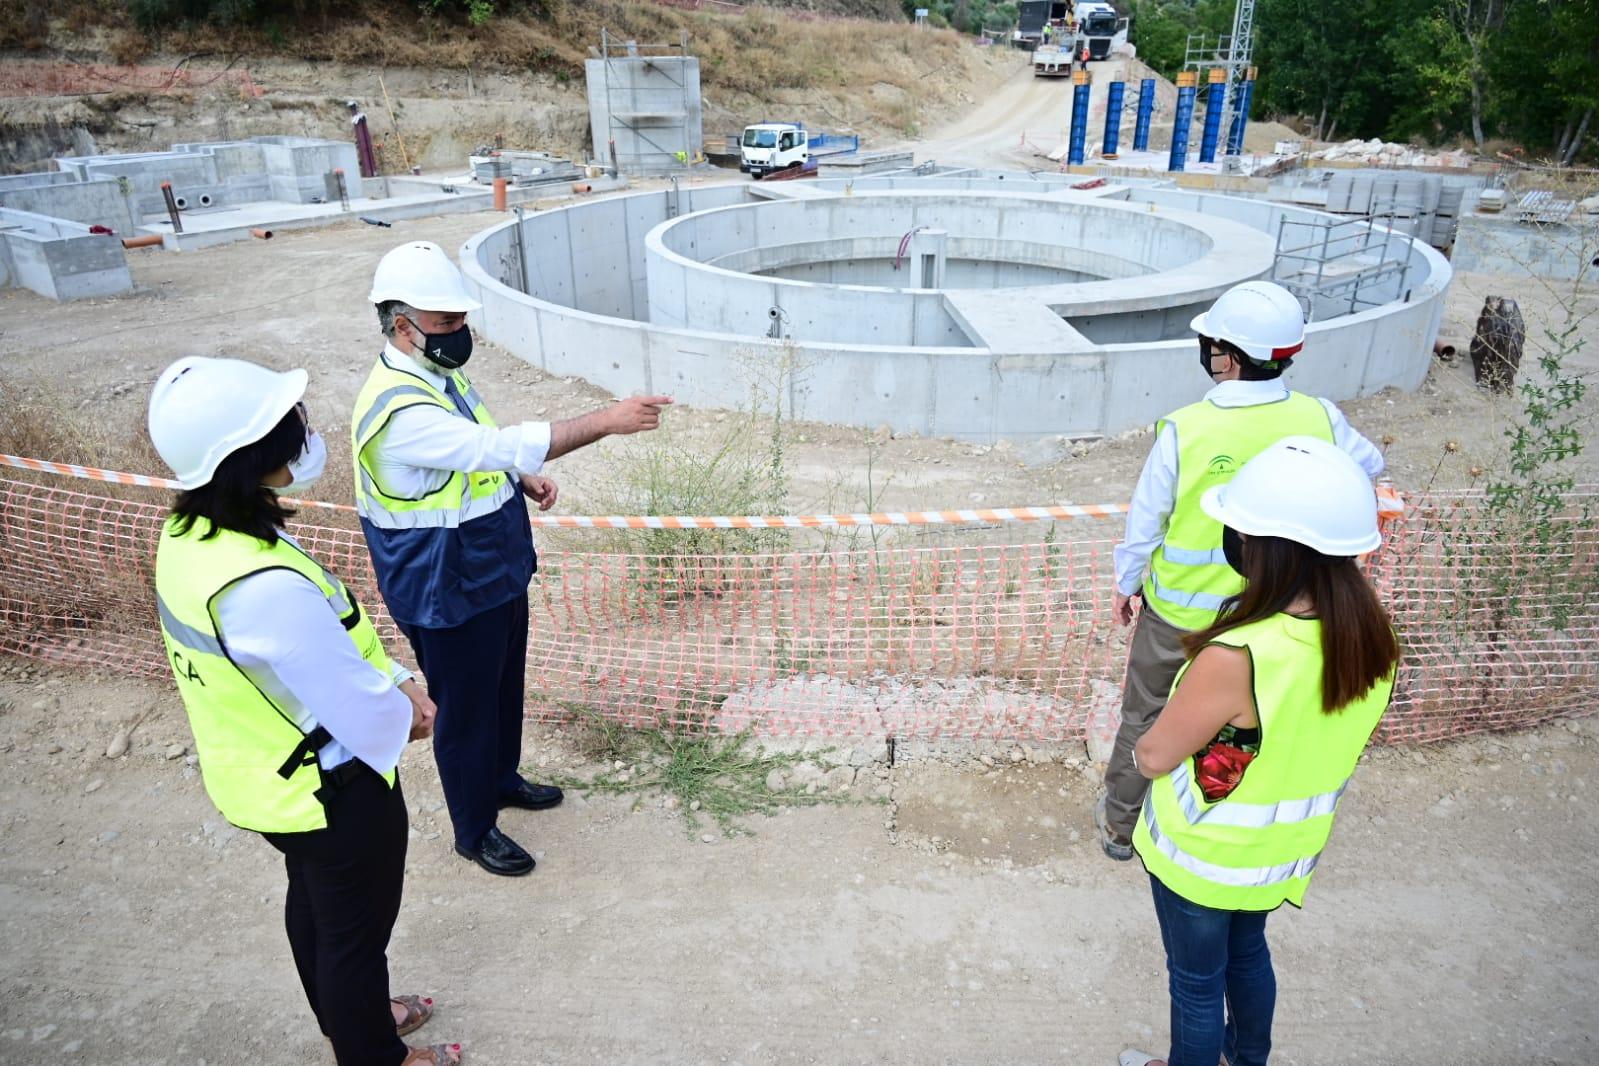 La Junta espera que la EDAR de Montefrío esté terminada en el verano de 2022